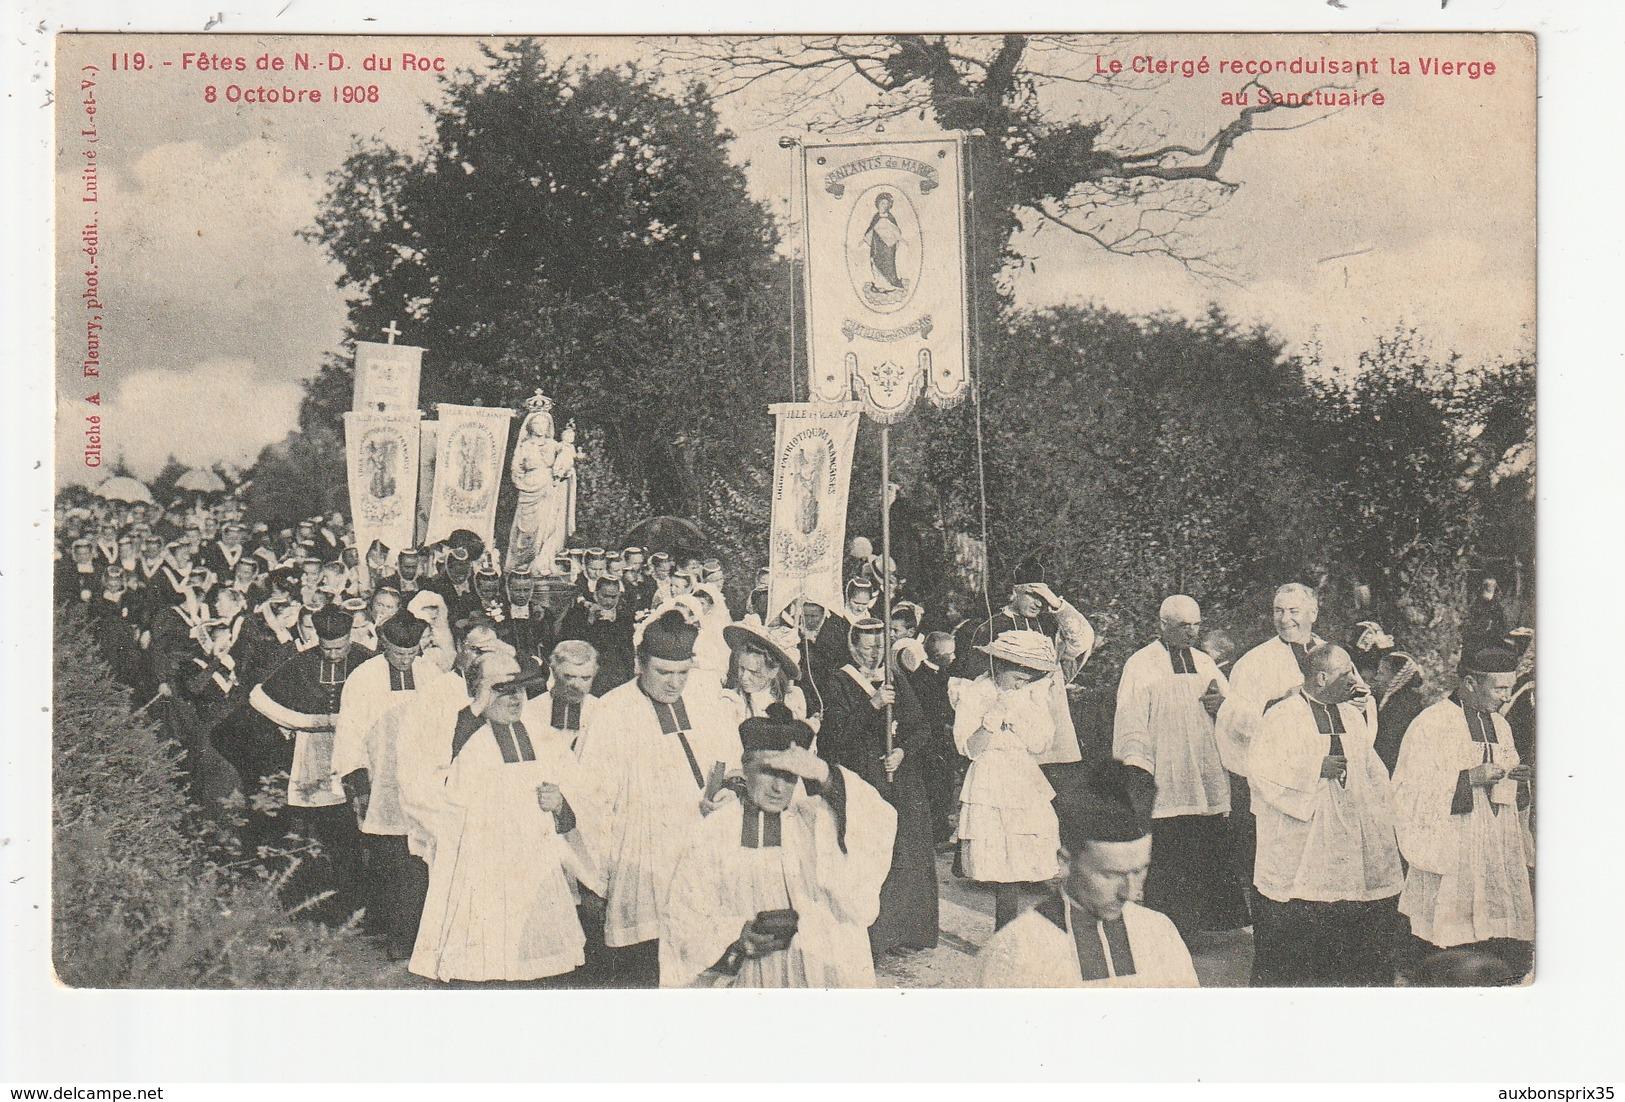 MONTAUTOUR - FETES DE N.D.DU ROC - 8 OCTOBRE 1908 - LE CLERGE RECONDUISANT LA VIERGE AU SANCTUAIRE - 35 - Autres Communes